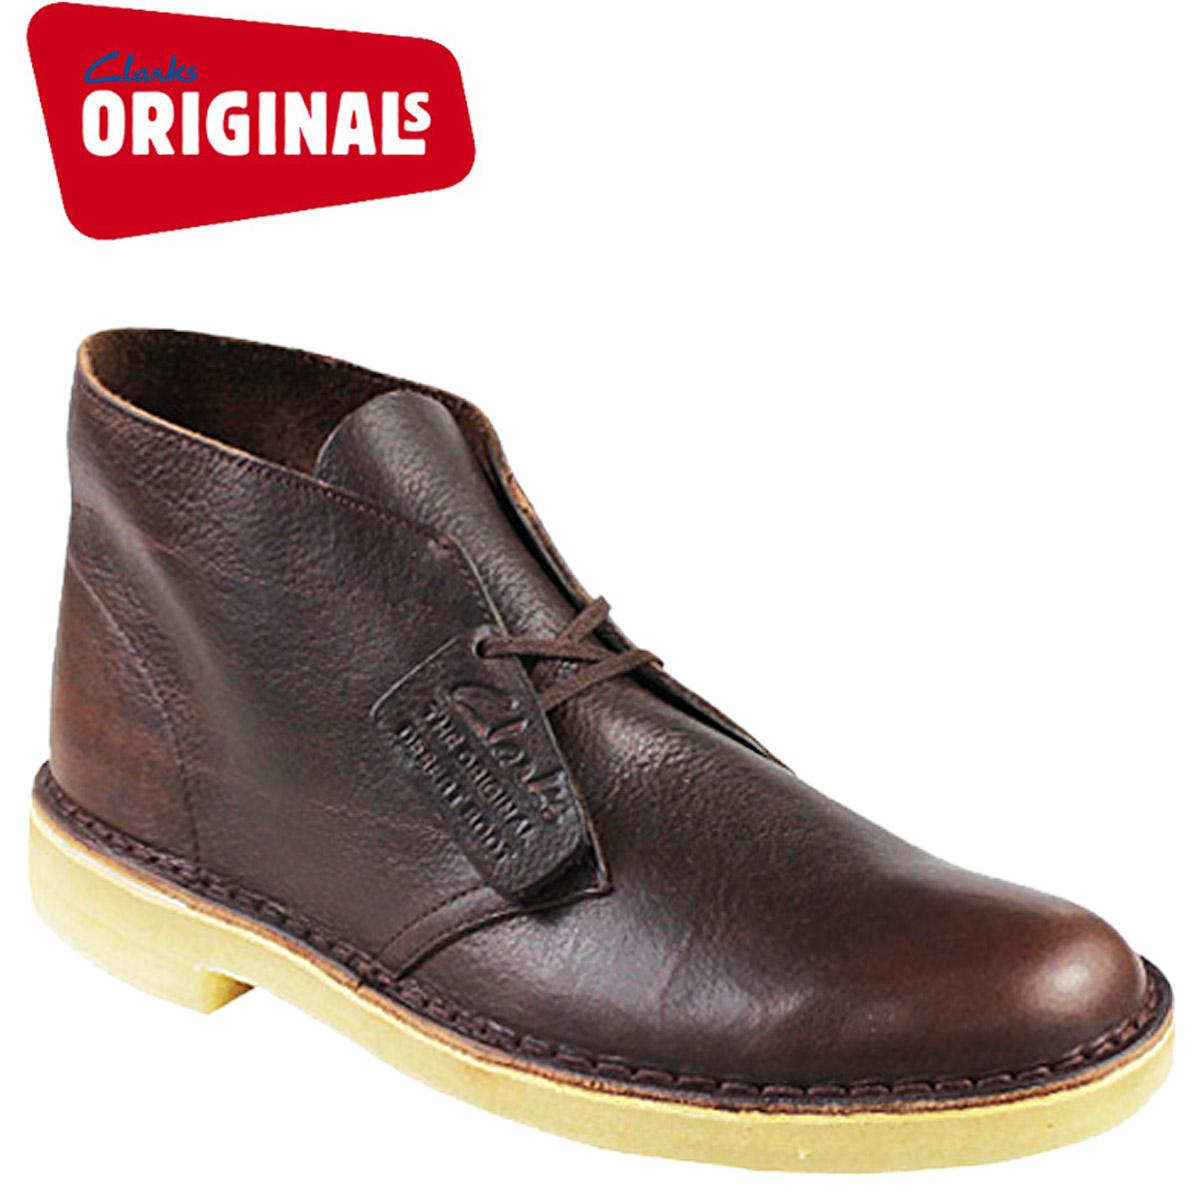 Clarks Originals クラークス オリジナルズ デザートブーツ DESERT BOOT Mワイズ 26104990 メンズ 【決算セール】